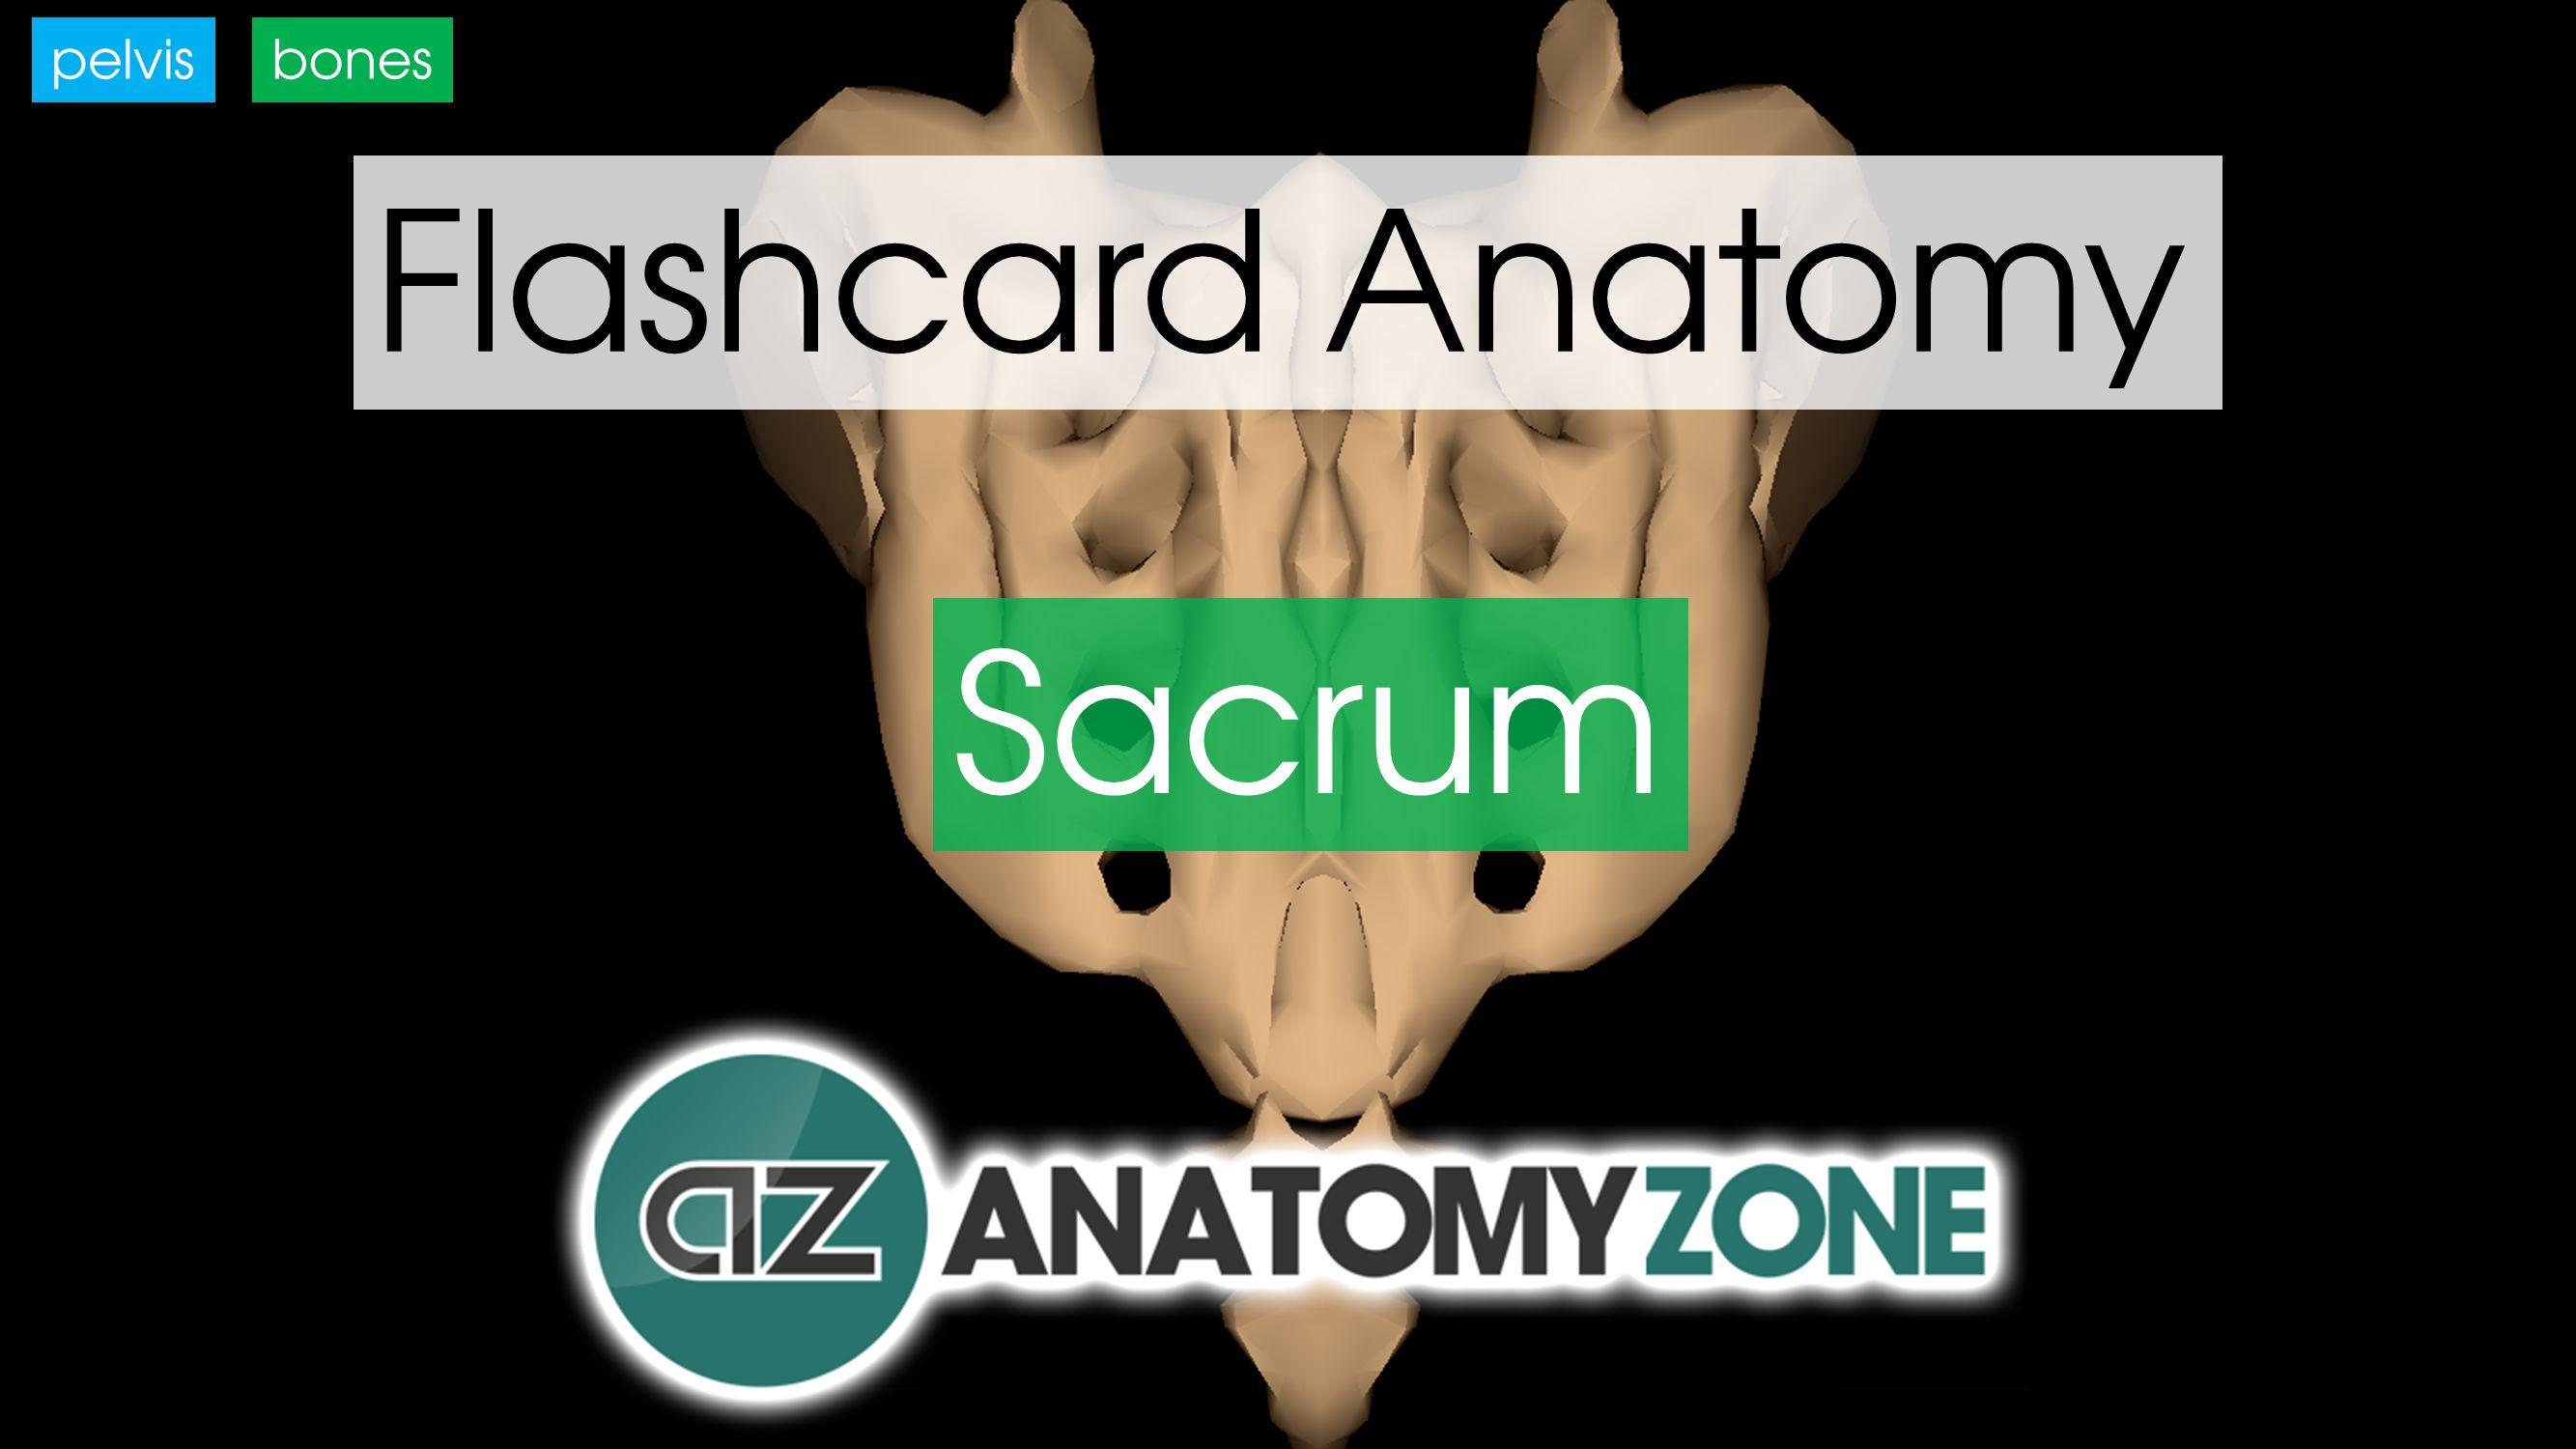 Anatomy Zone